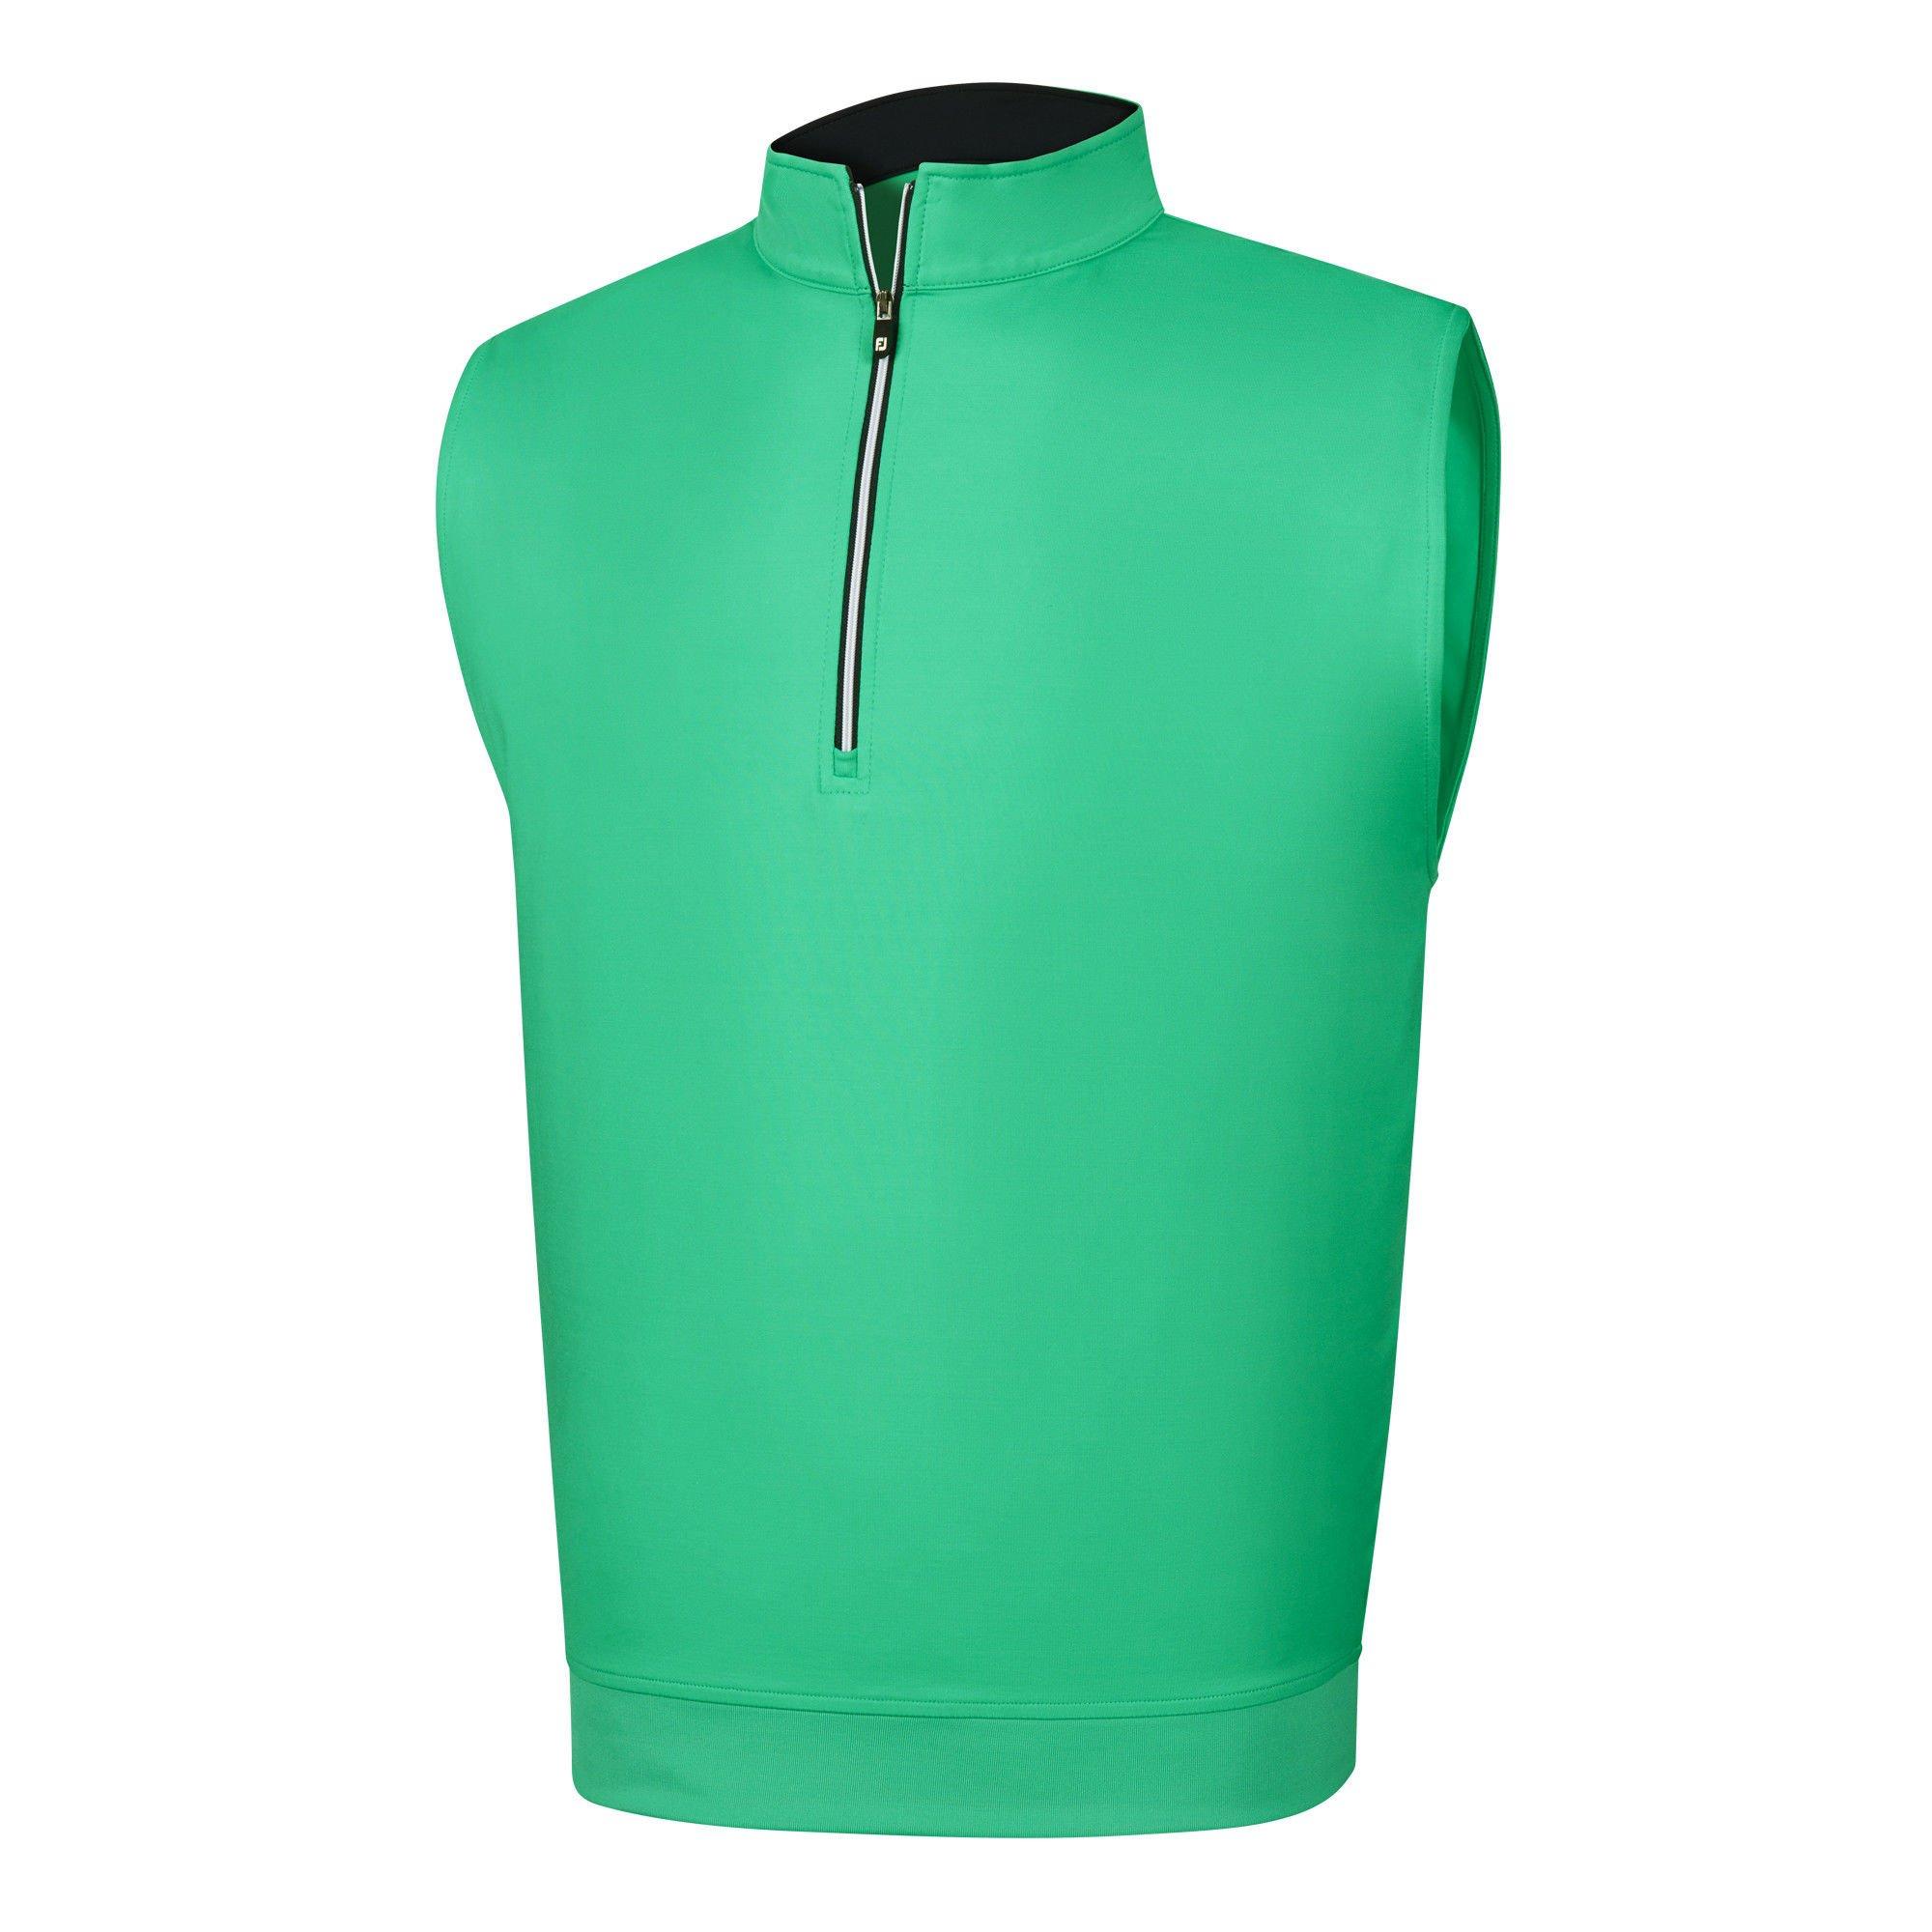 FootJoy Half-Zip Jersey Vest